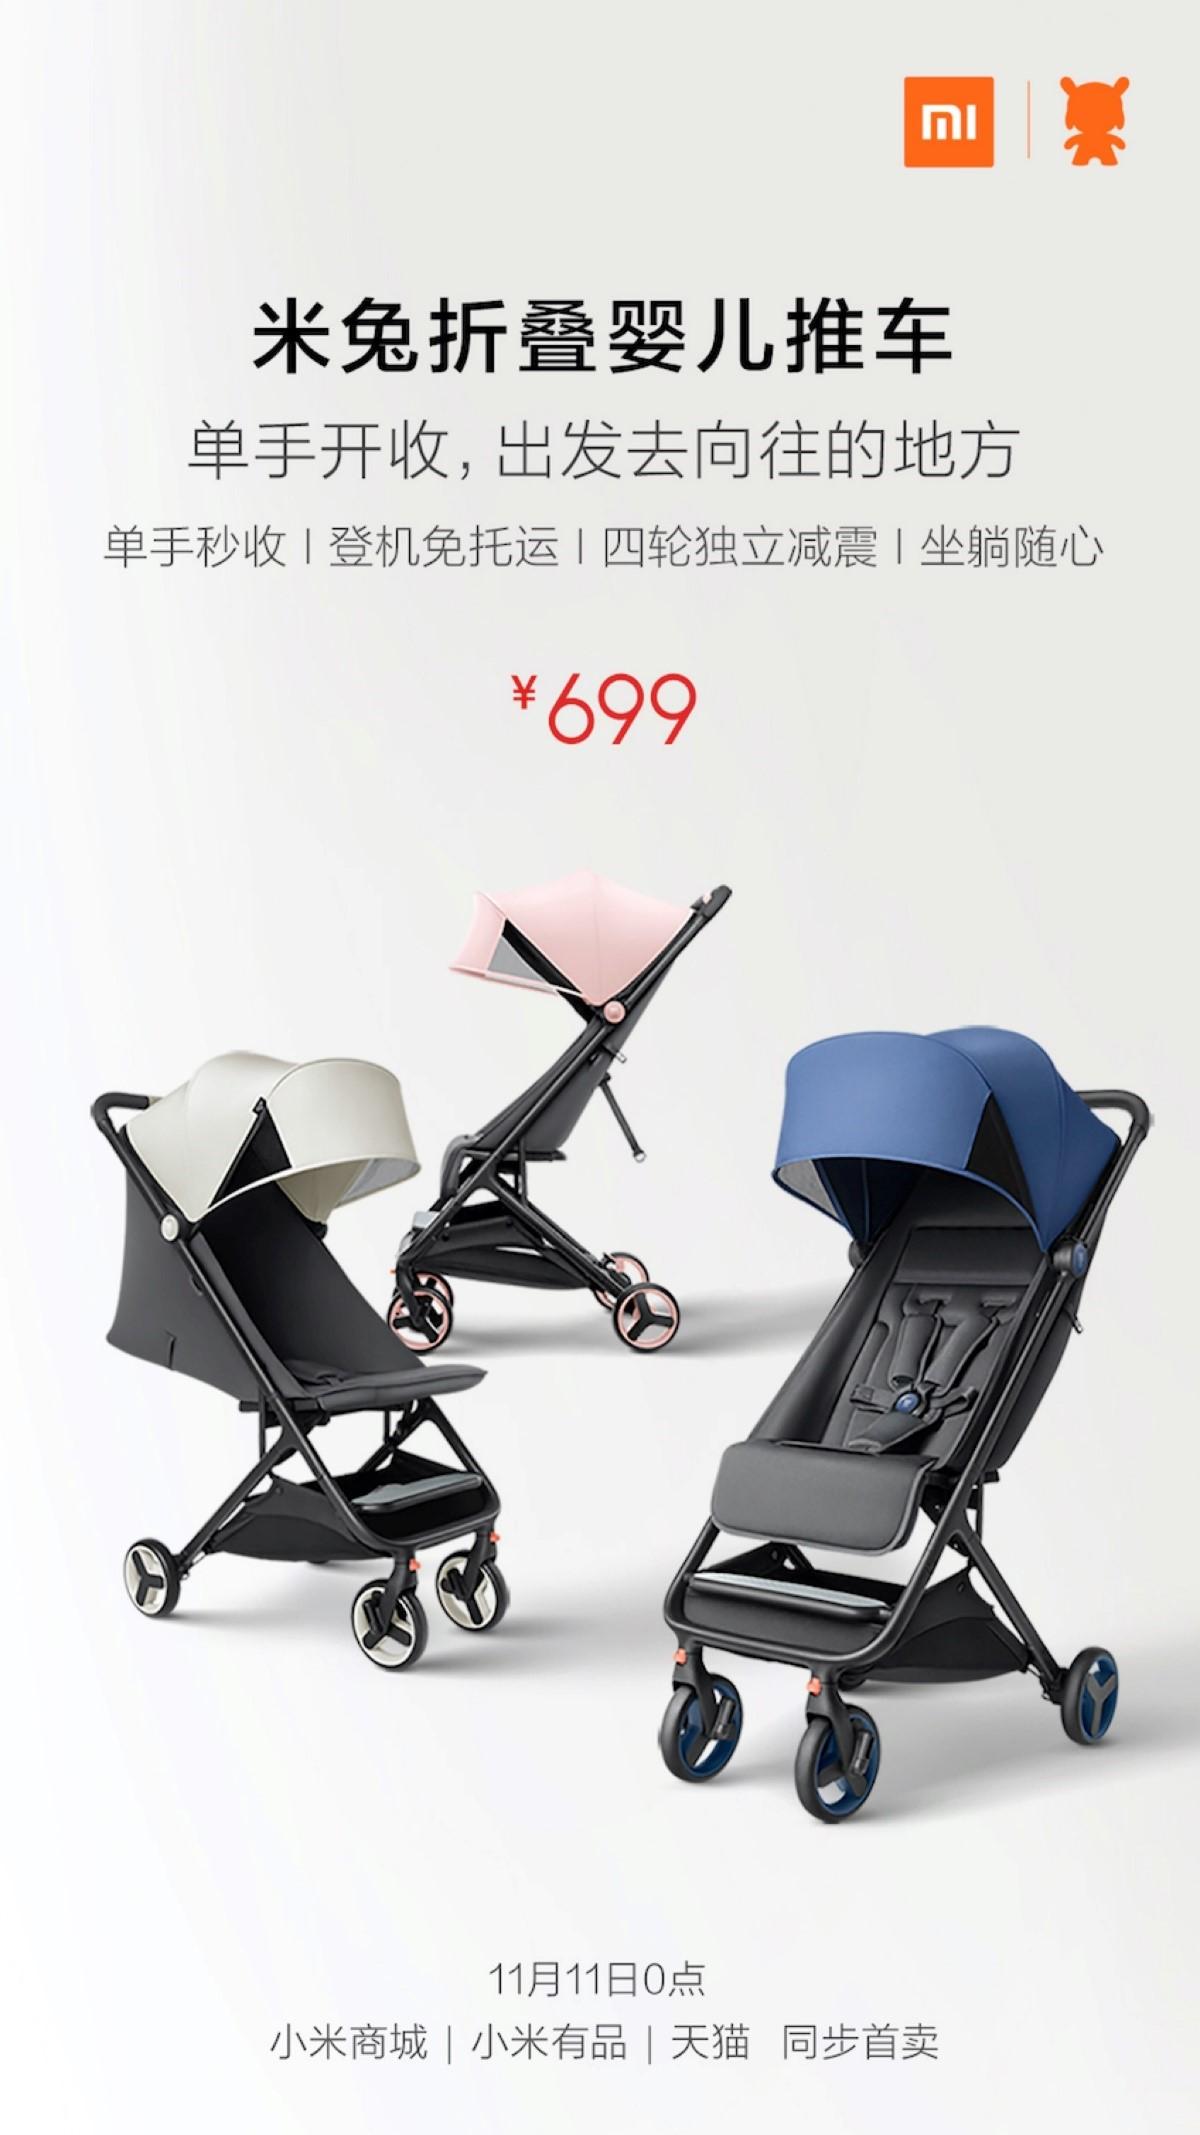 小米发布新风机/ 电磁炉青春版/婴儿折叠推车等多款新品